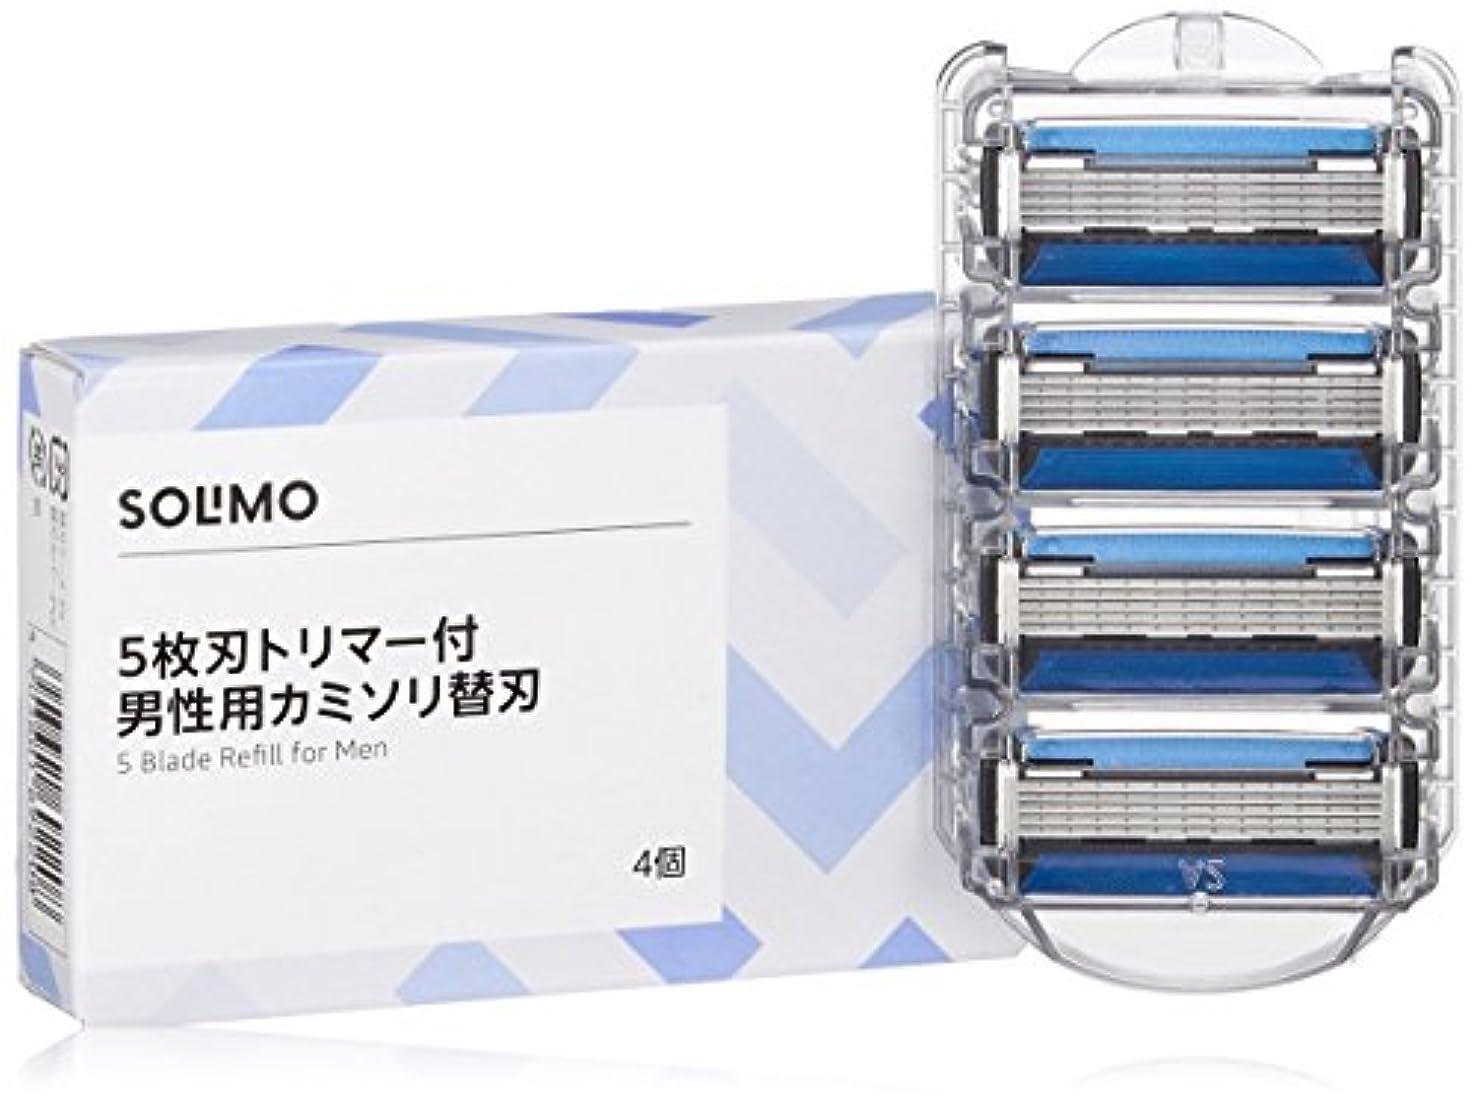 定義する感情抗議[Amazonブランド]SOLIMO 5枚刃 トリマー付 男性用 カミソリ替刃4個